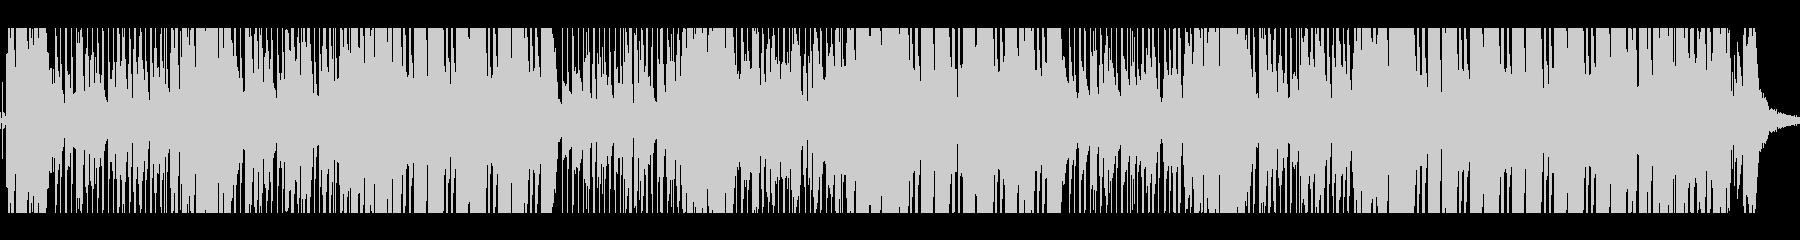 ジャジーなビッグバンドサウンドは、...の未再生の波形